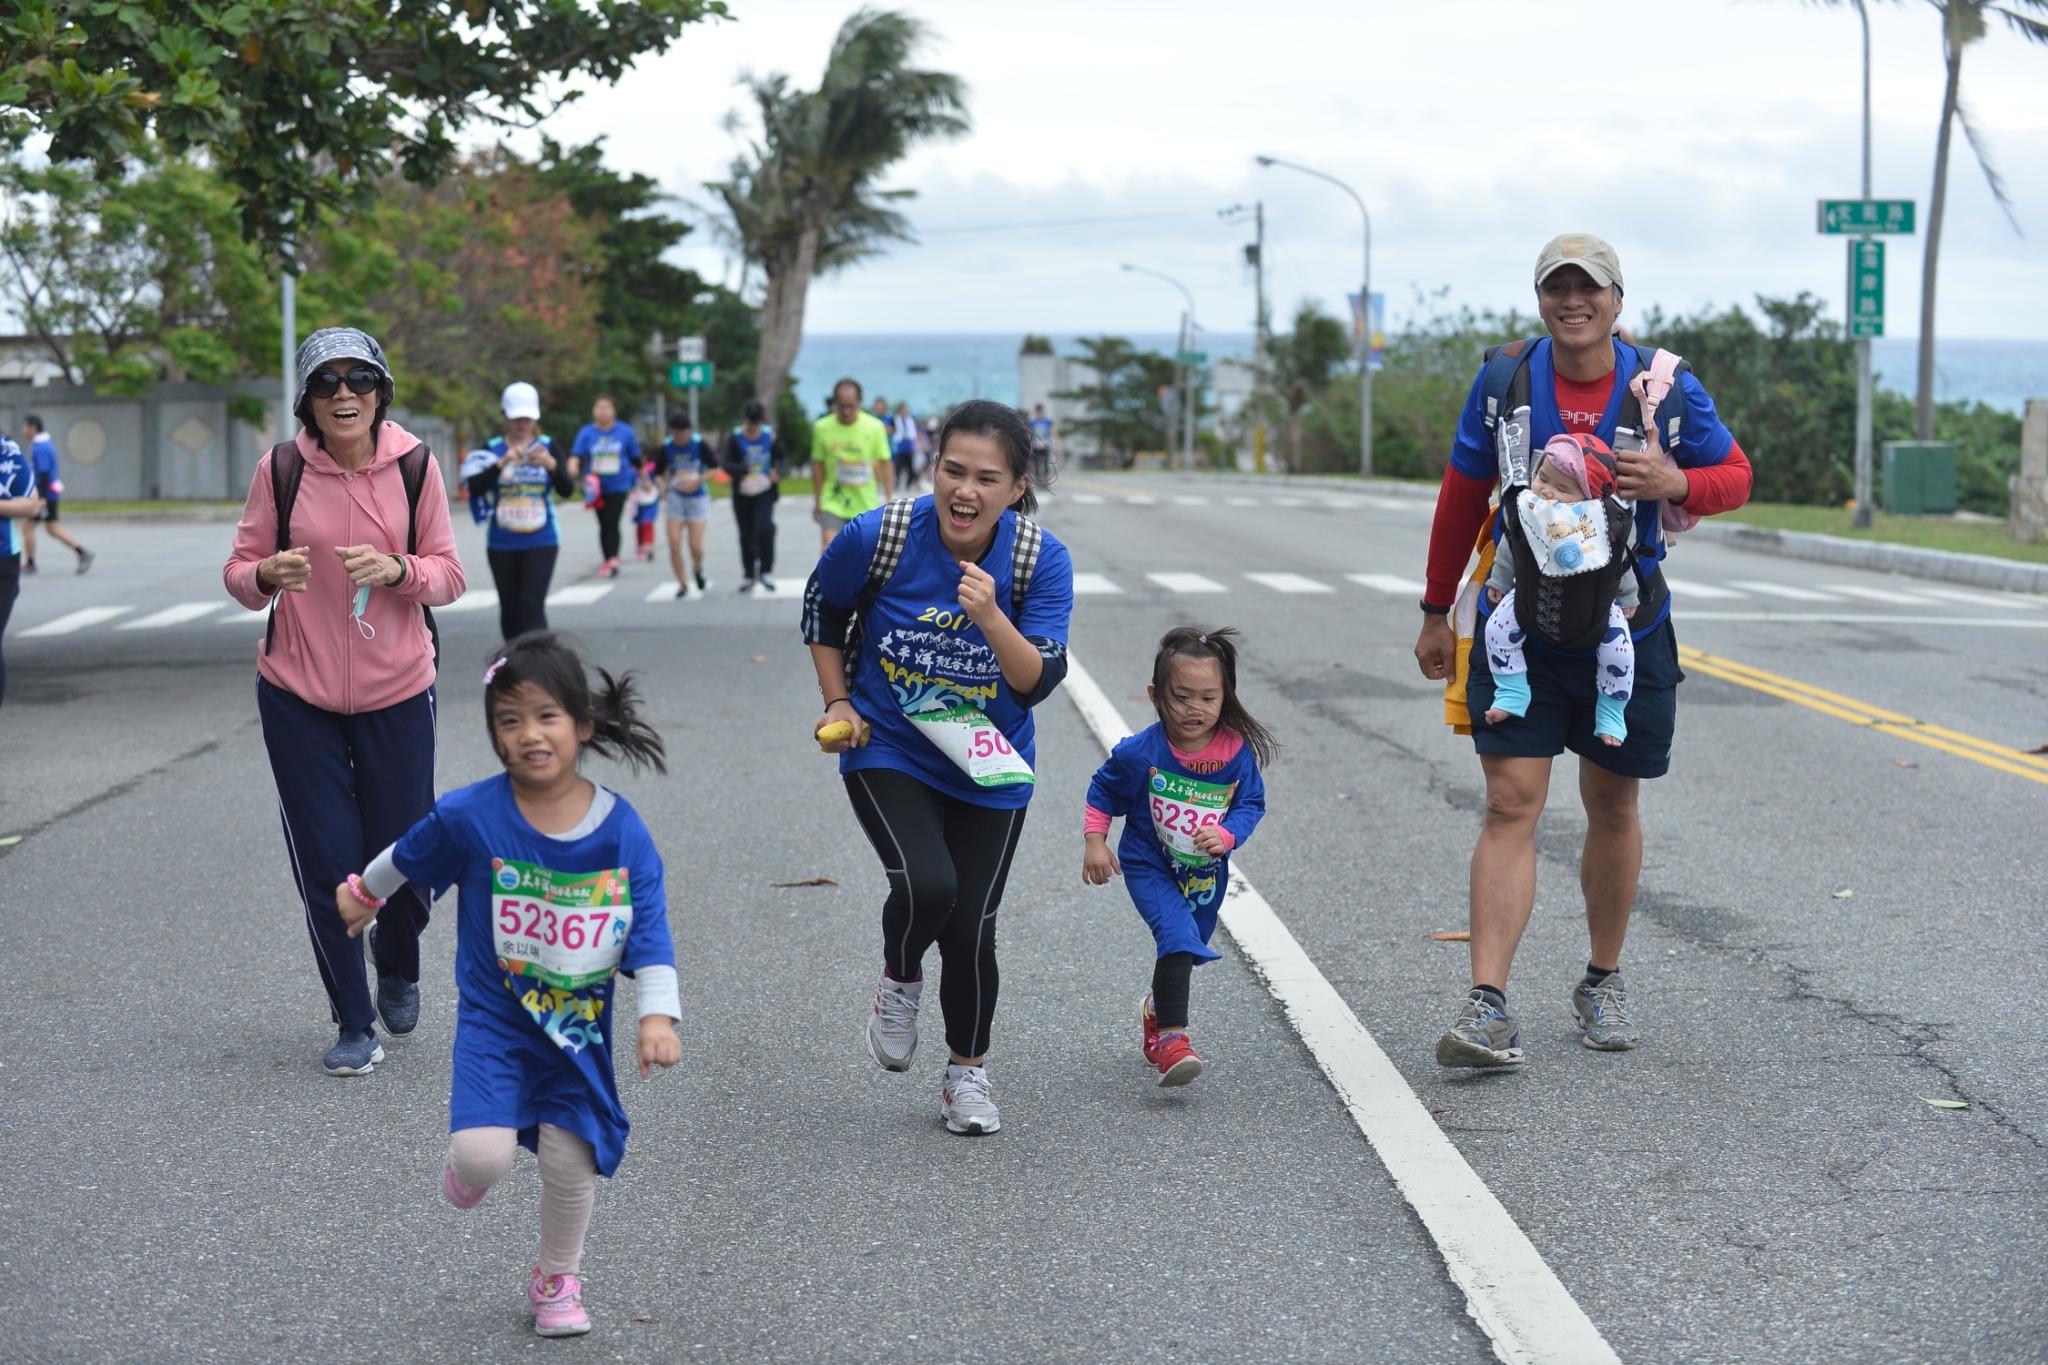 1071212去年馬拉松資料照片_181212_0012.jpg